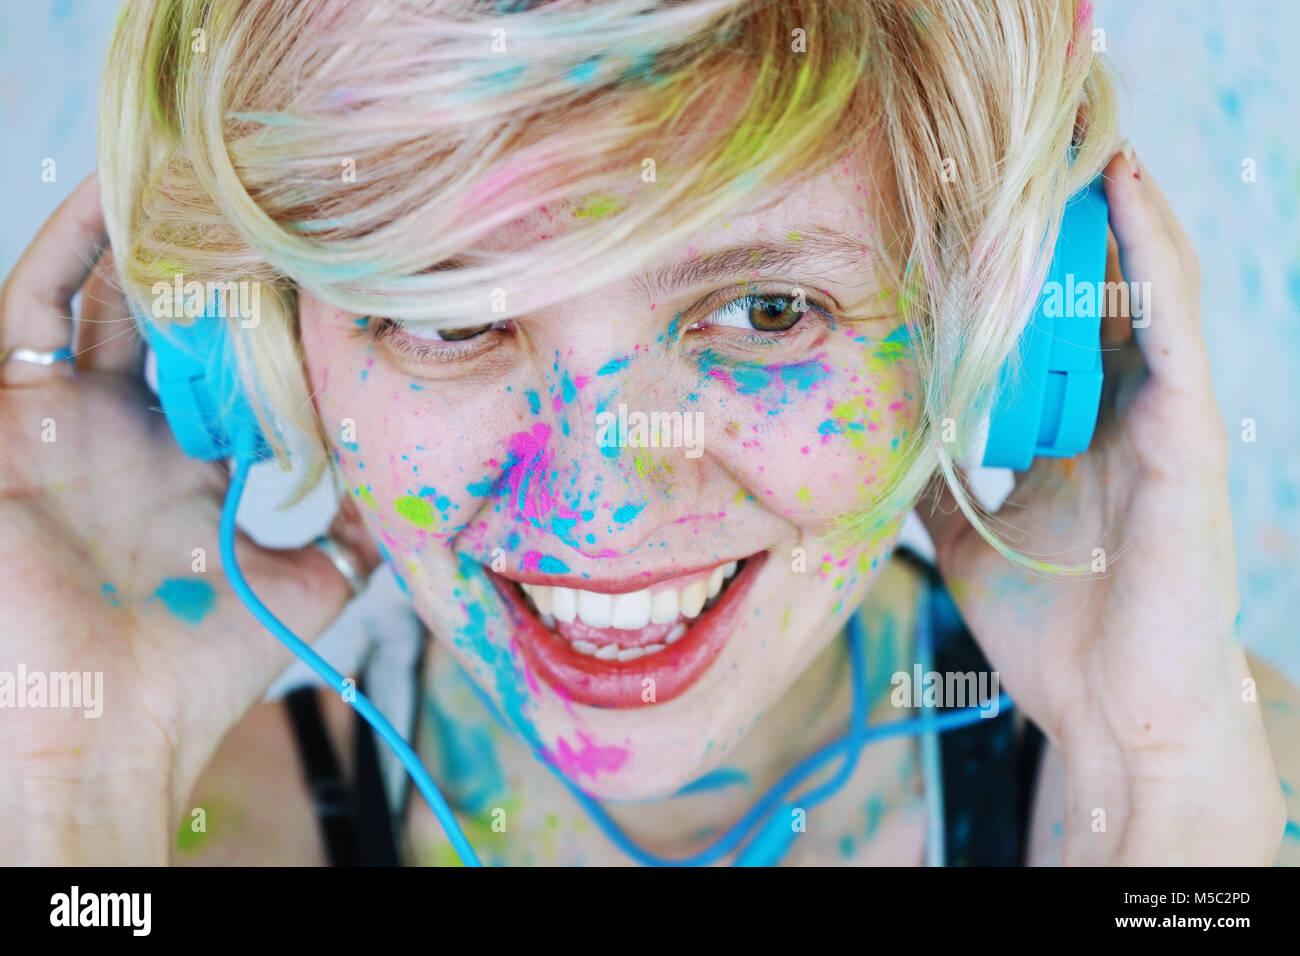 Junge Frau mit Farbe im Gesicht ist das Hören von Musik Stockbild